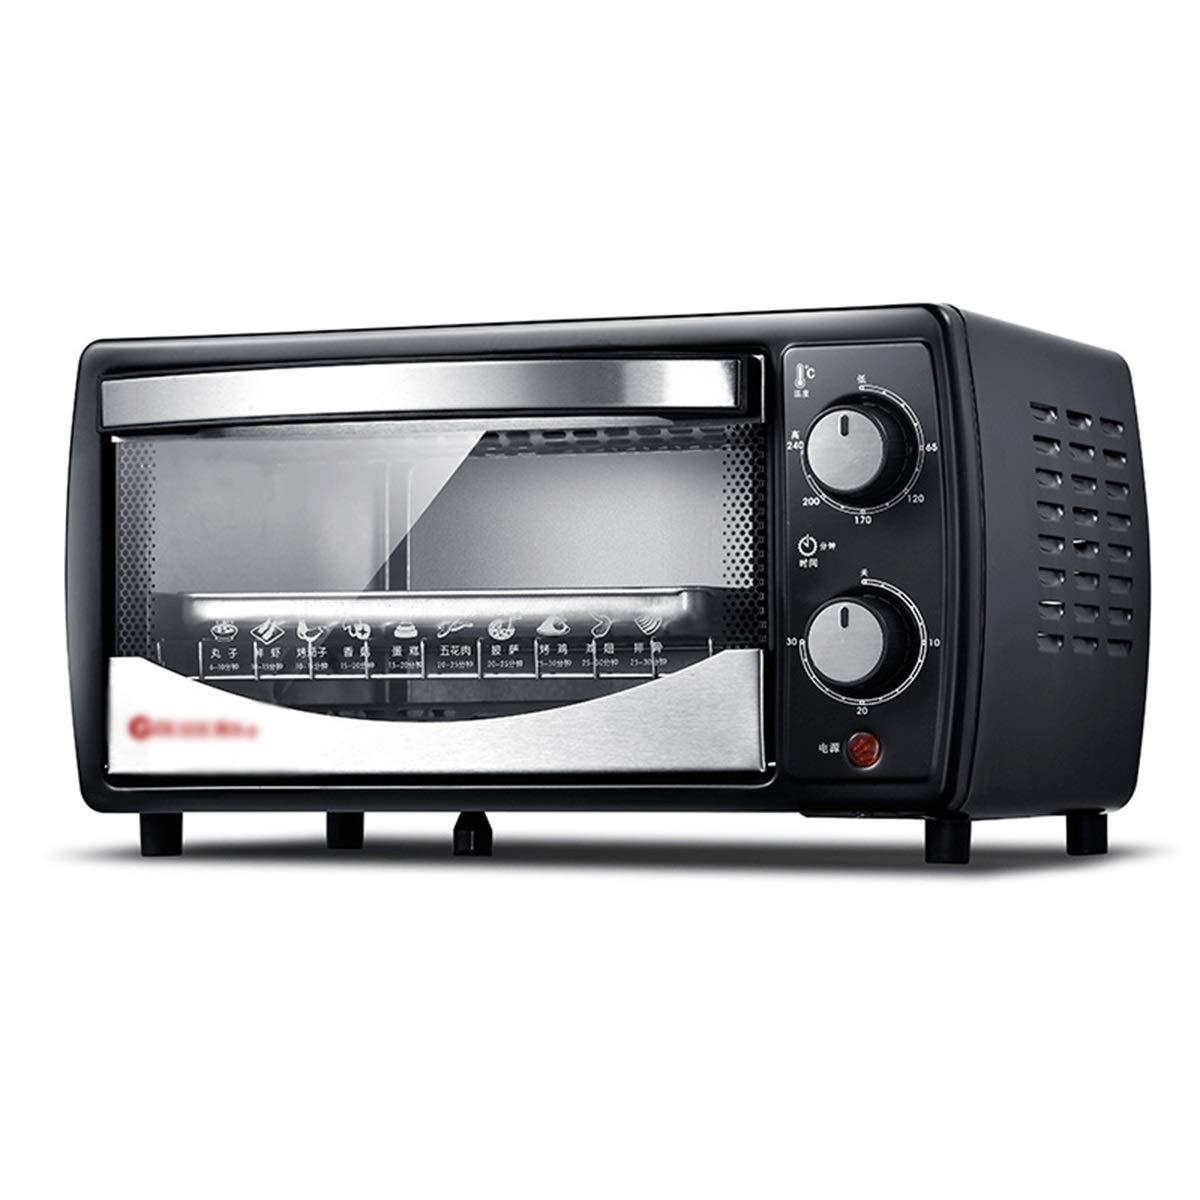 ZCYX ミニオーブン - 多機能電気オーブン12 Lブラック電気オーブンボックス家庭用ベーキングケーキピザオーブン家庭用 -7487 オーブン B07RWBLYFC